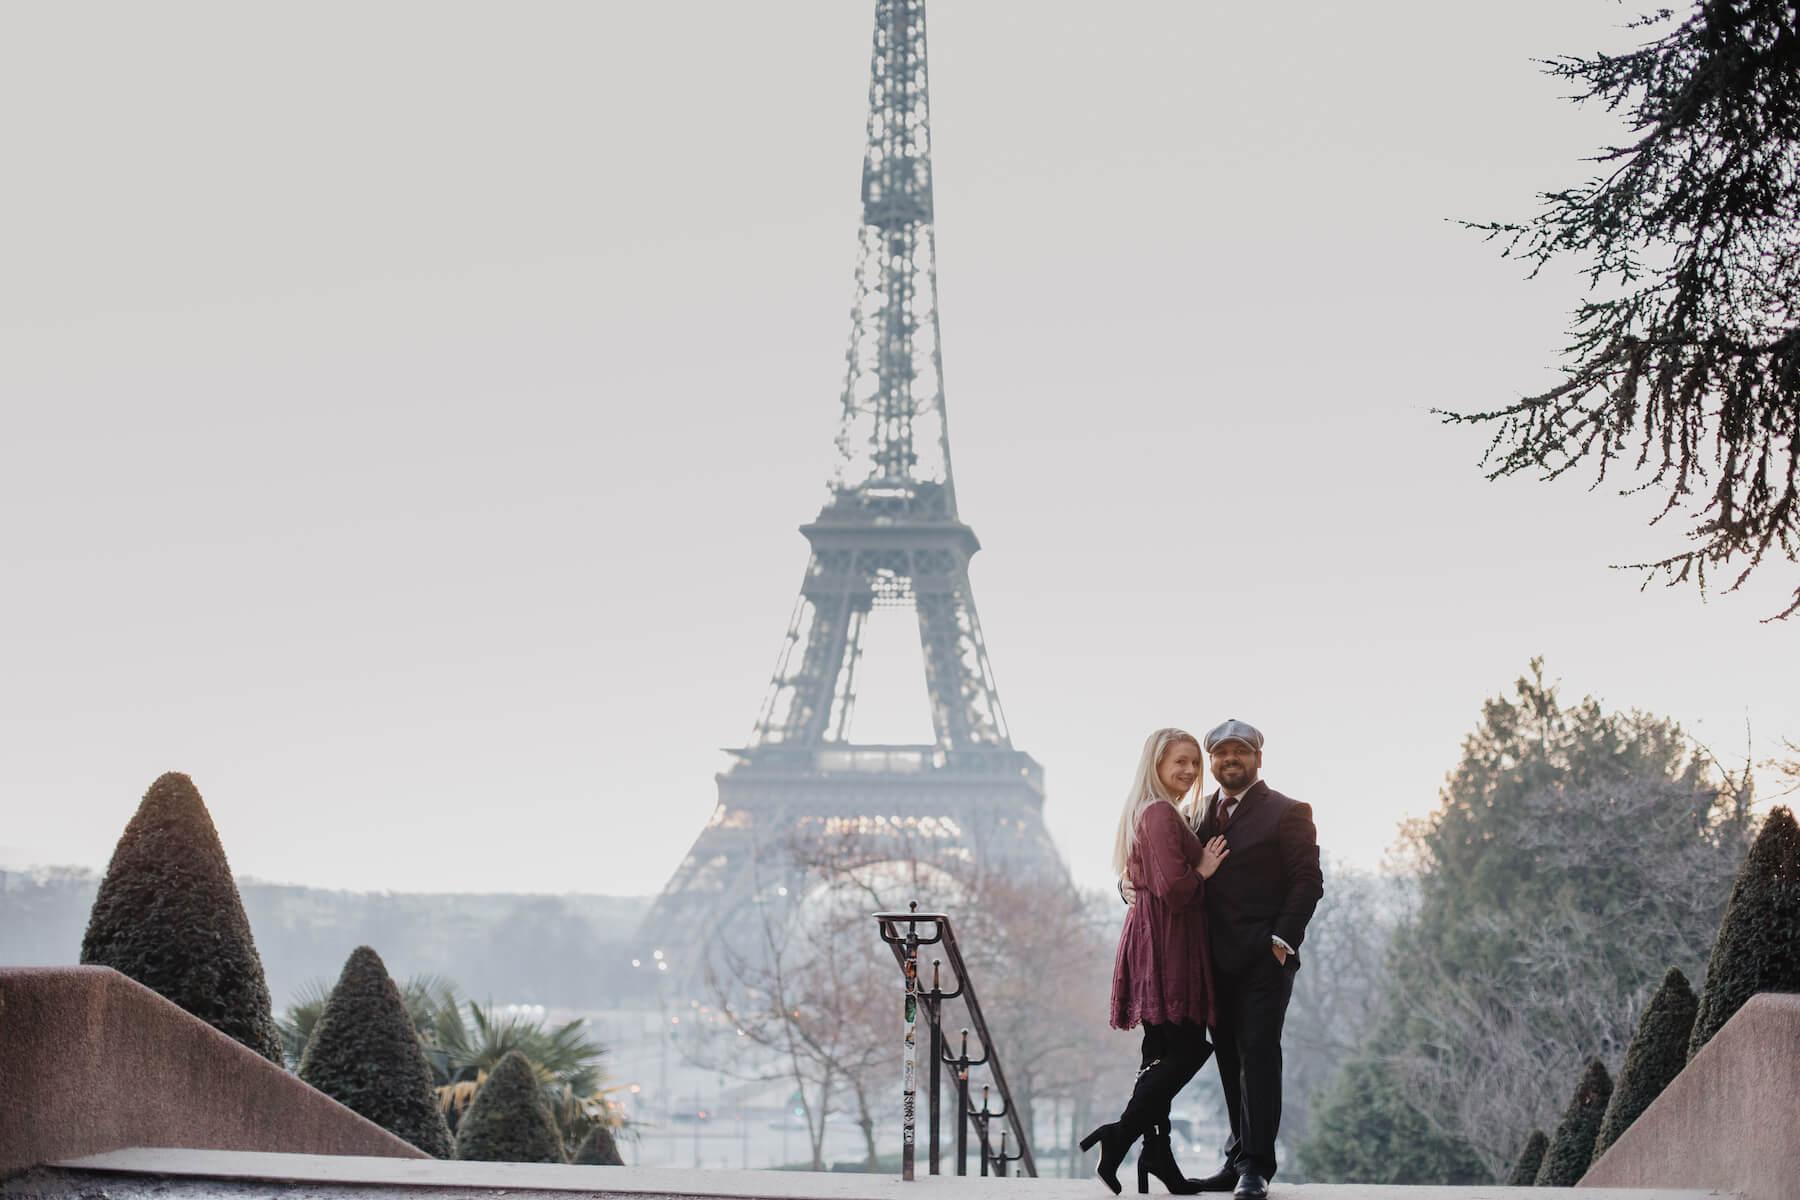 paris-12-31-2019-proposal-7_original